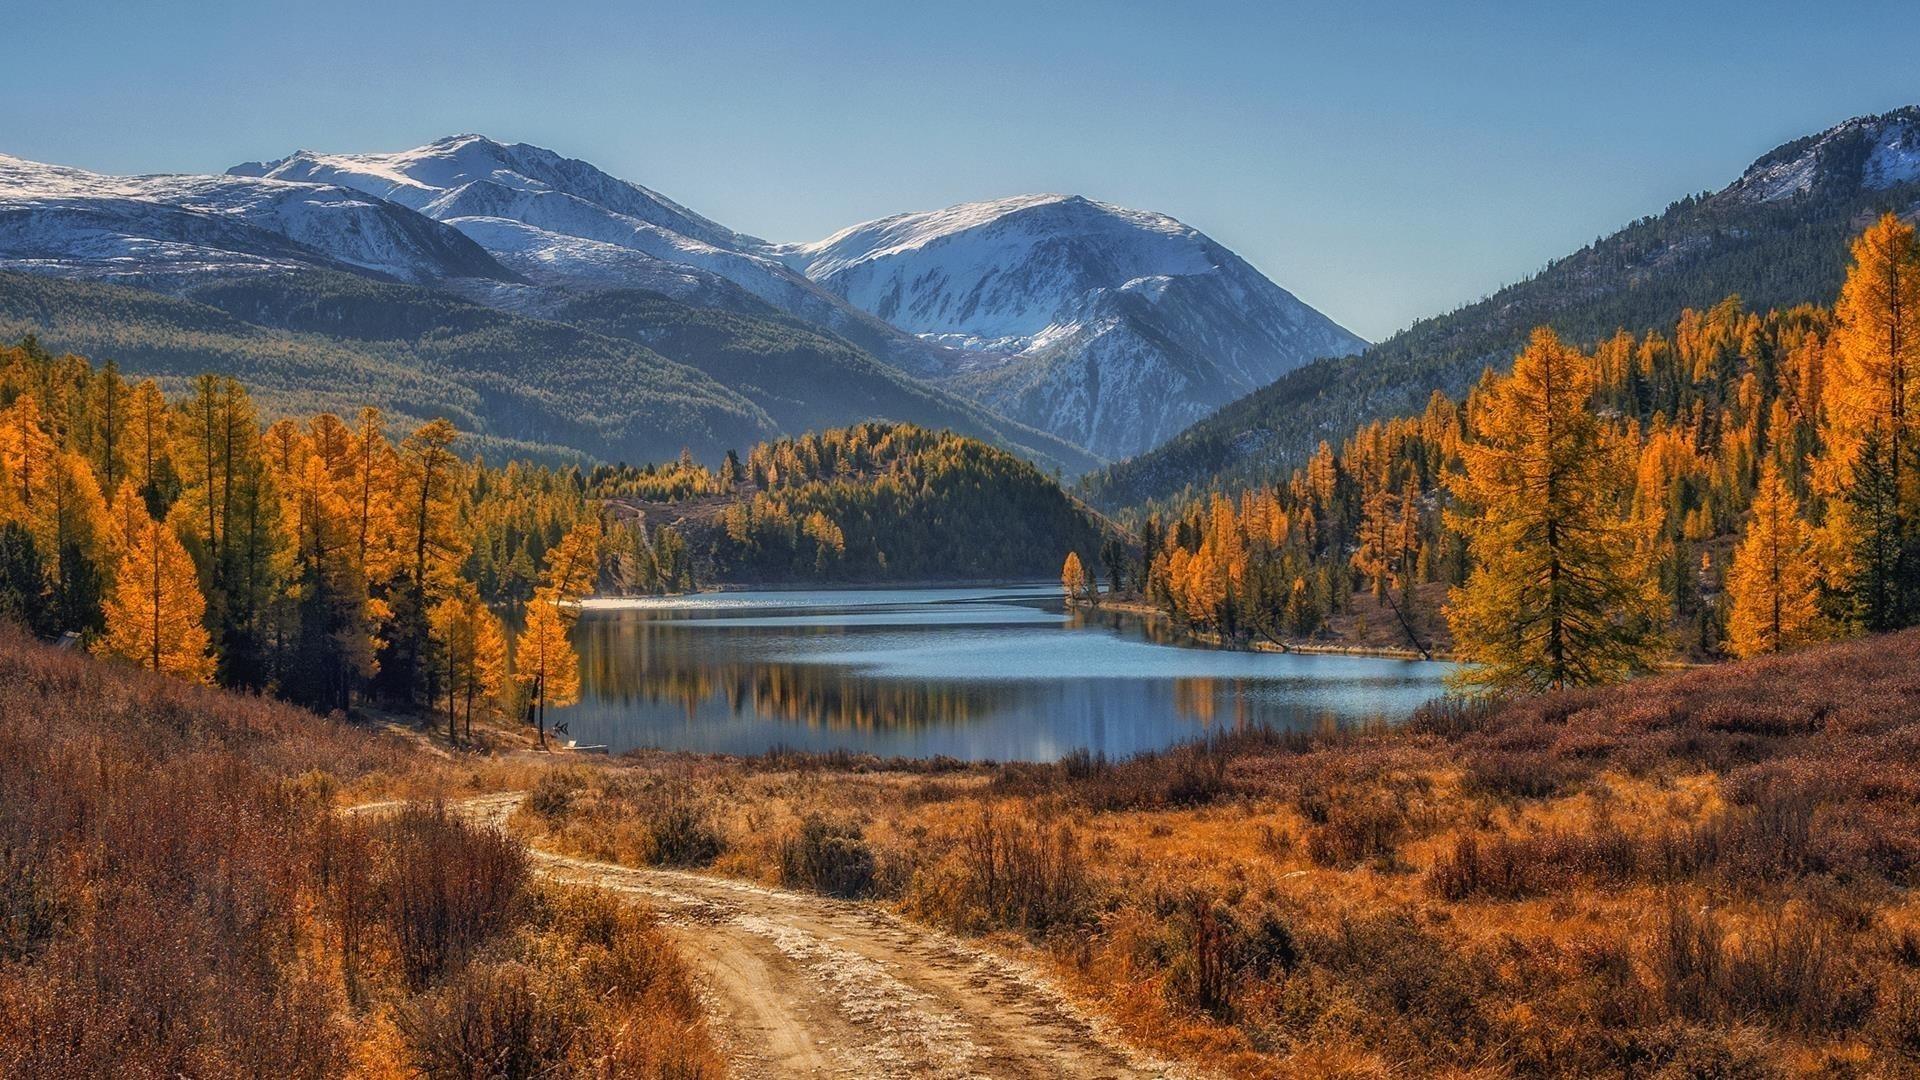 Пейзаж вид на белые покрытые горы с деревьями отражение на водоеме природа обои скачать